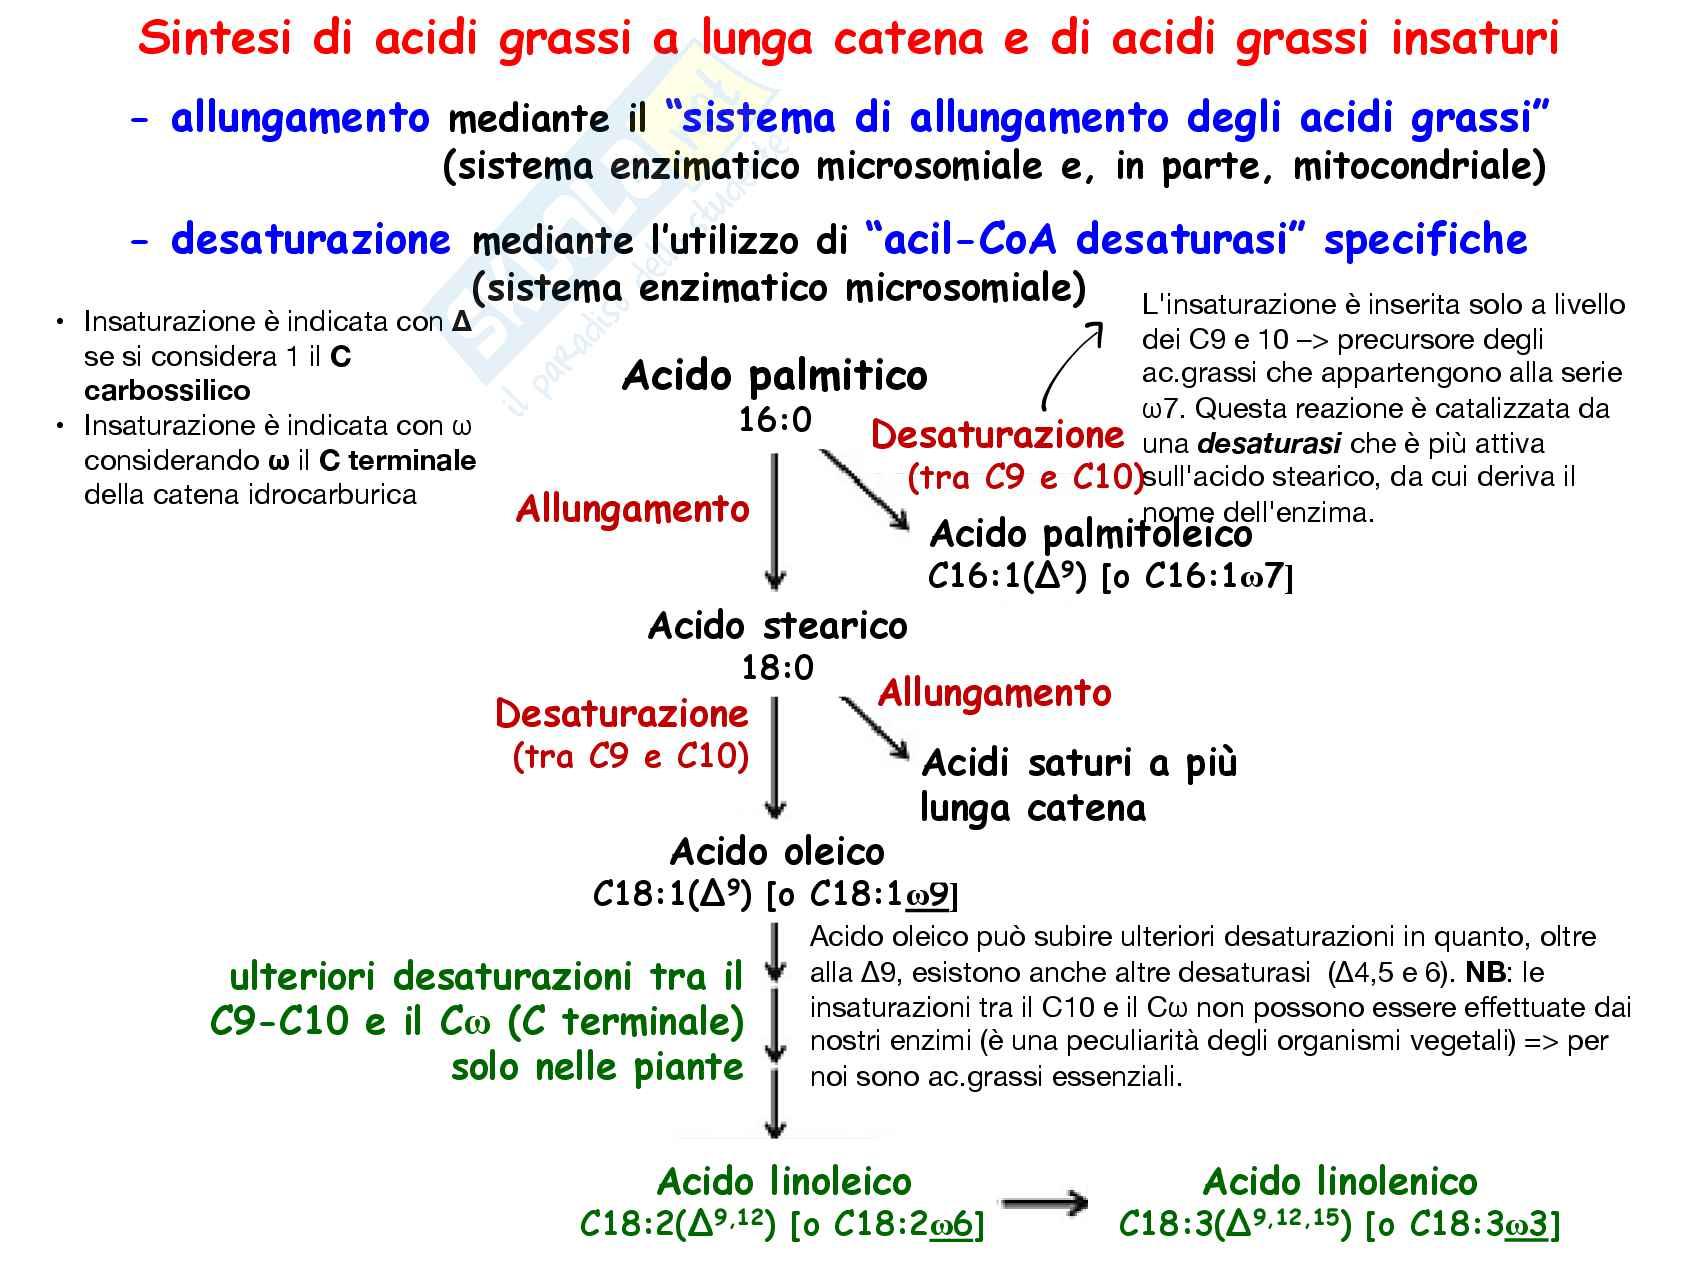 13 Allungamento e desaturazione degli acidi grassi Pag. 2